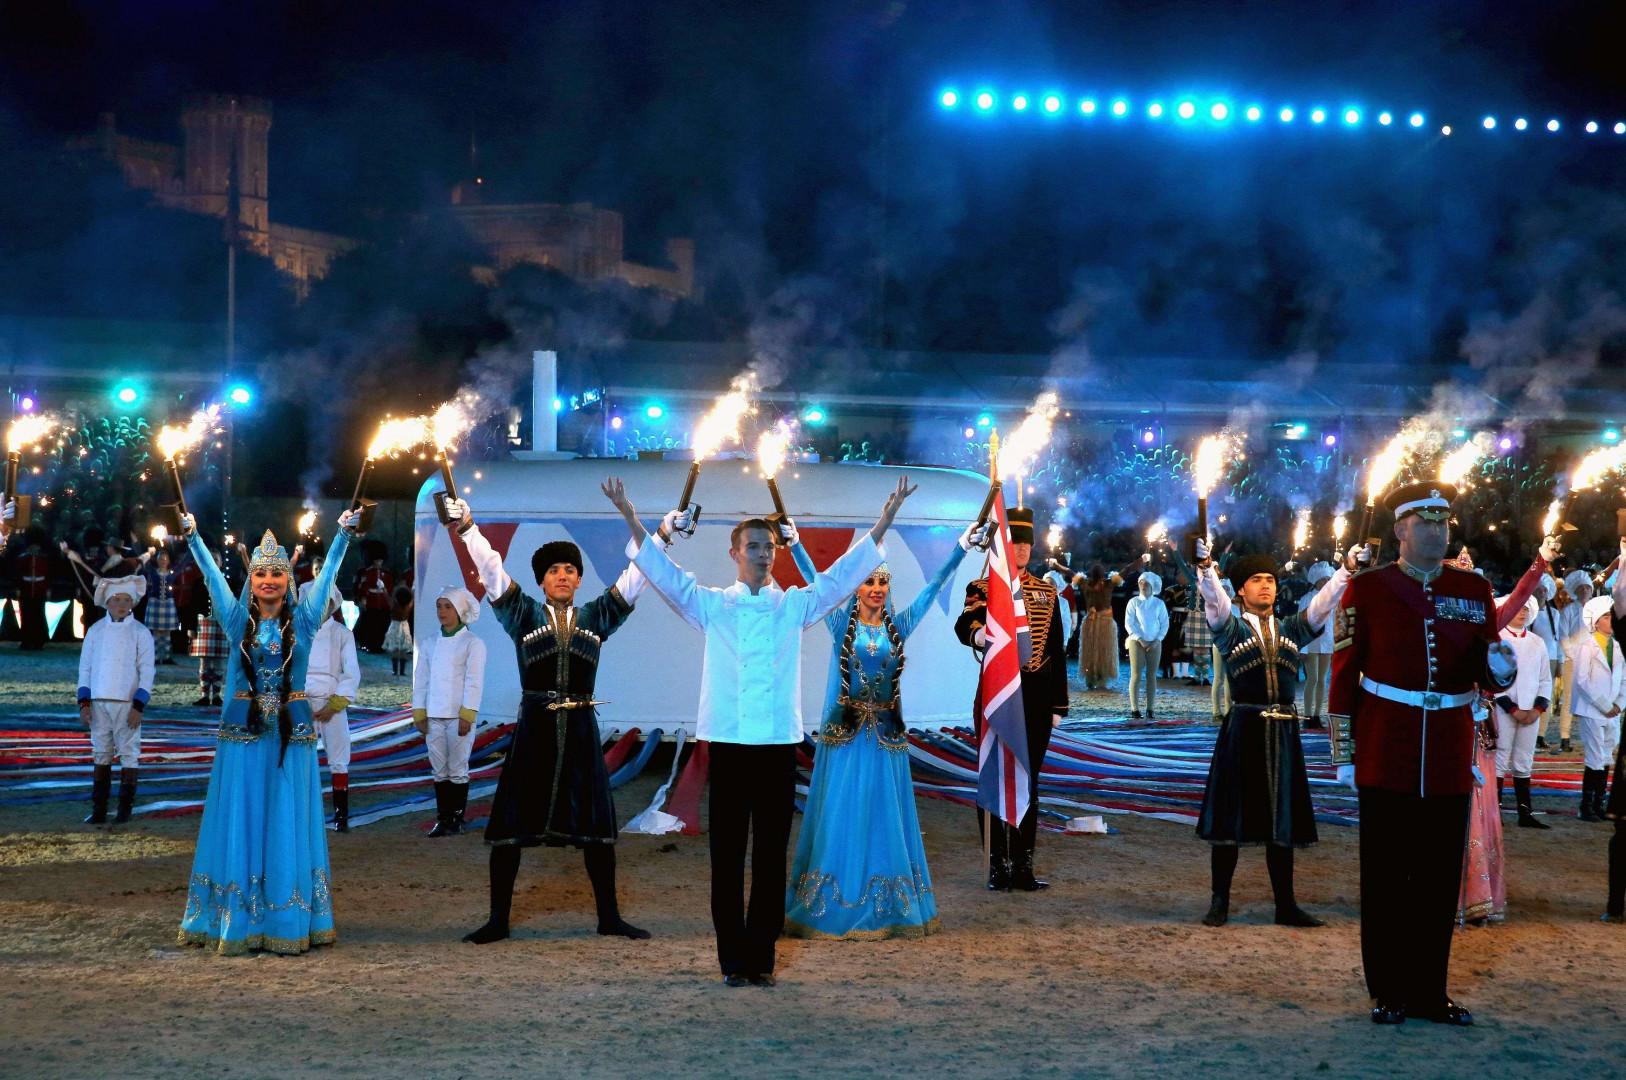 Les artistes lèvent leurs torches devant le gâteau d'anniversaire géant en l'honneur d'Elizabeth II